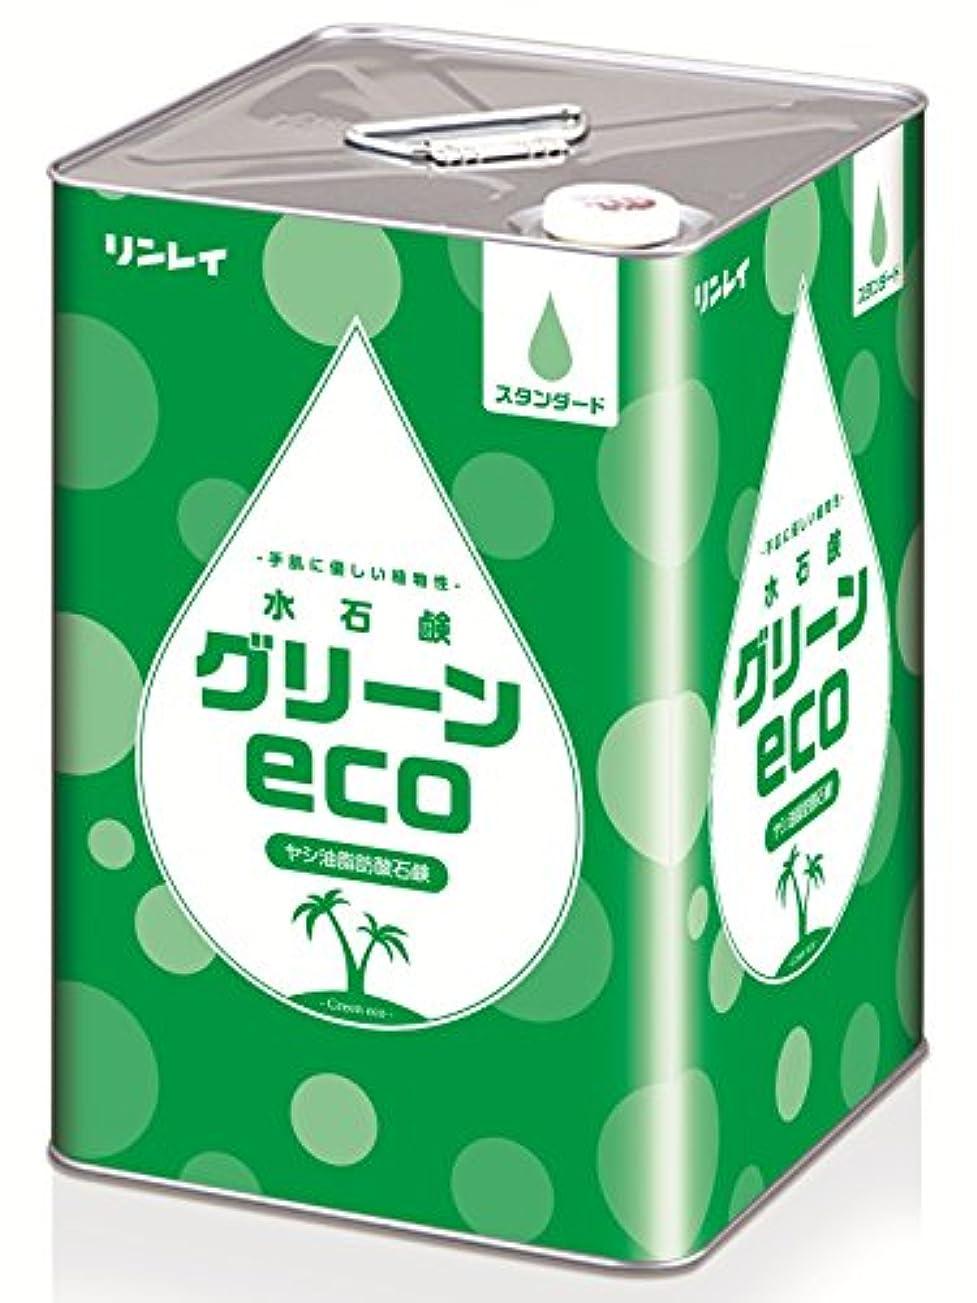 侵入する泥棒窓リンレイ 業務用 植物性ハンドソープ 水石鹸グリーンeco 18L